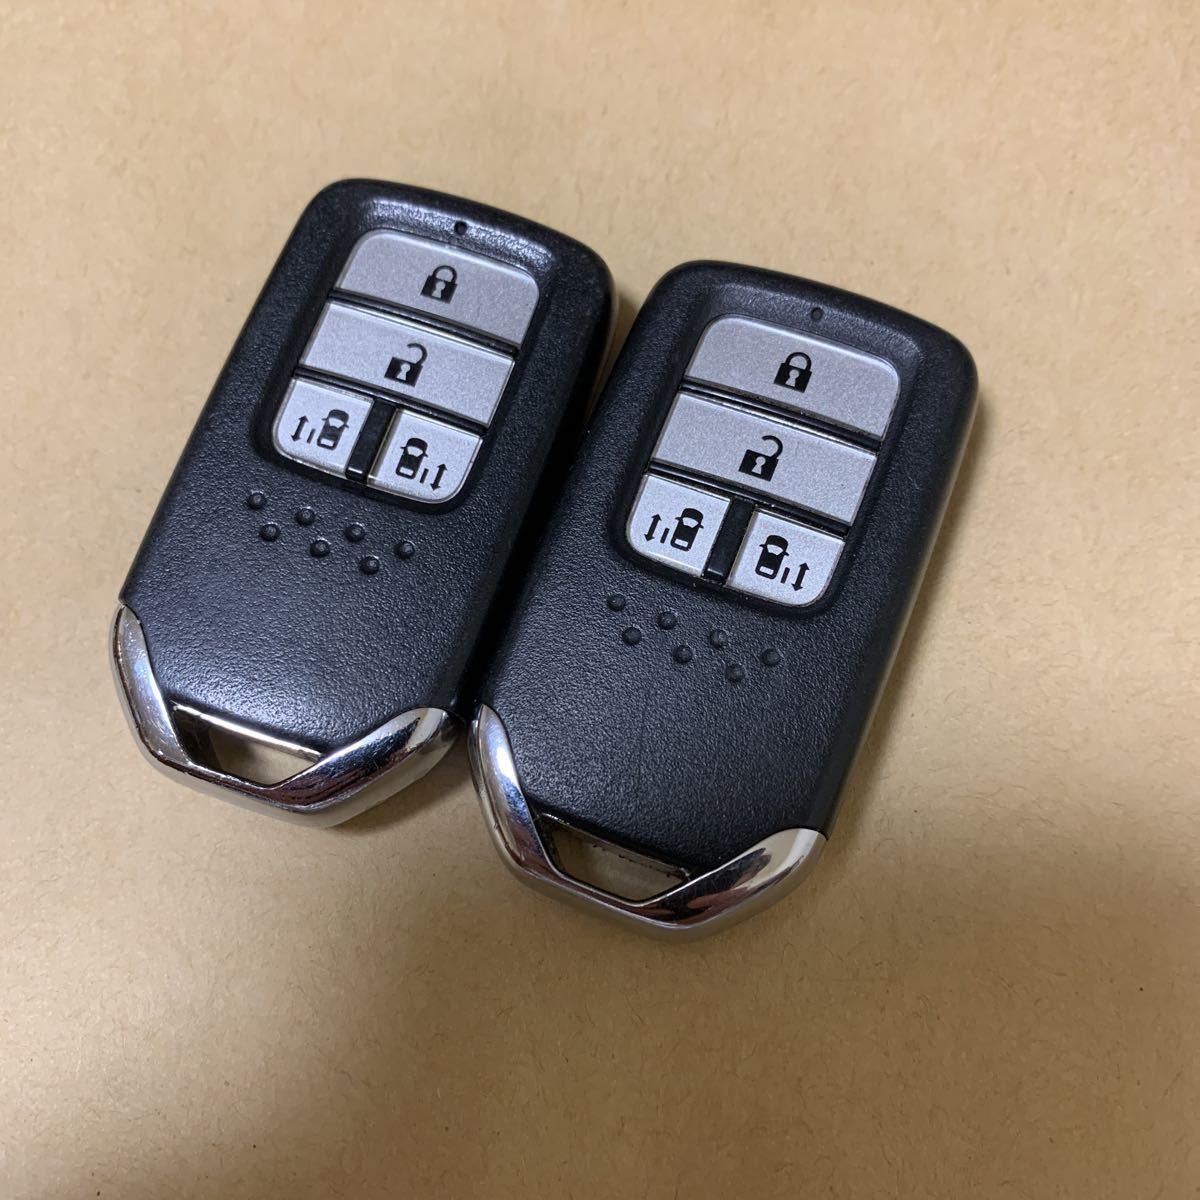 送料無料☆☆☆動作良好 ホンダ 純正品 オデッセイ ステップワゴン 4ボタン T6A-J12 スマートキー 両側パワースライド 2個セット  99_画像1